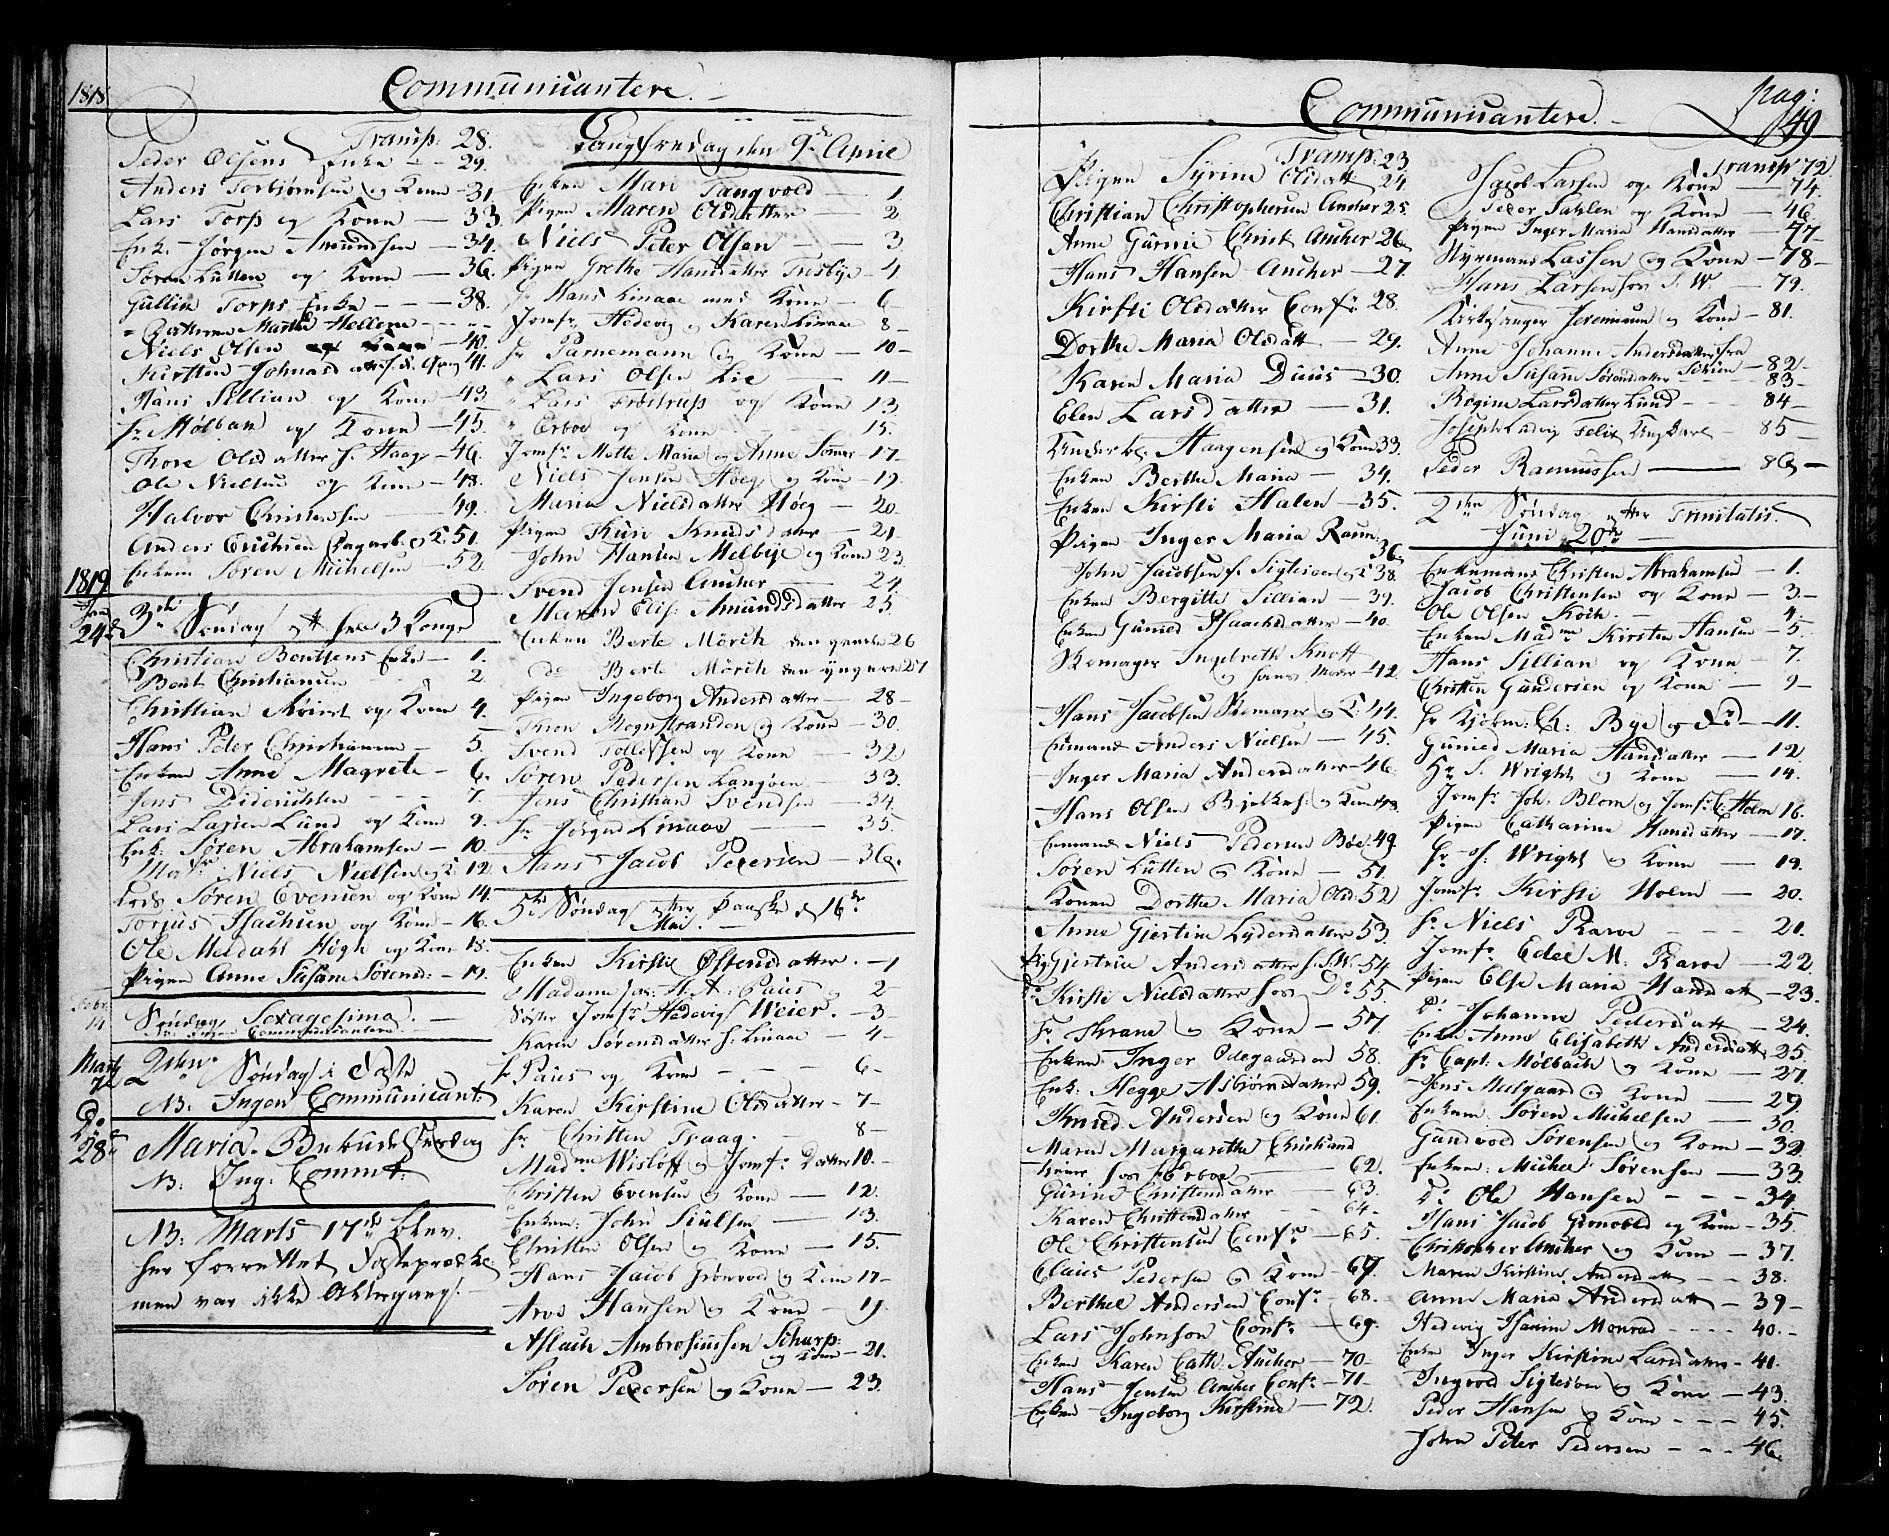 SAKO, Langesund kirkebøker, G/Ga/L0002: Klokkerbok nr. 2, 1801-1815, s. 49